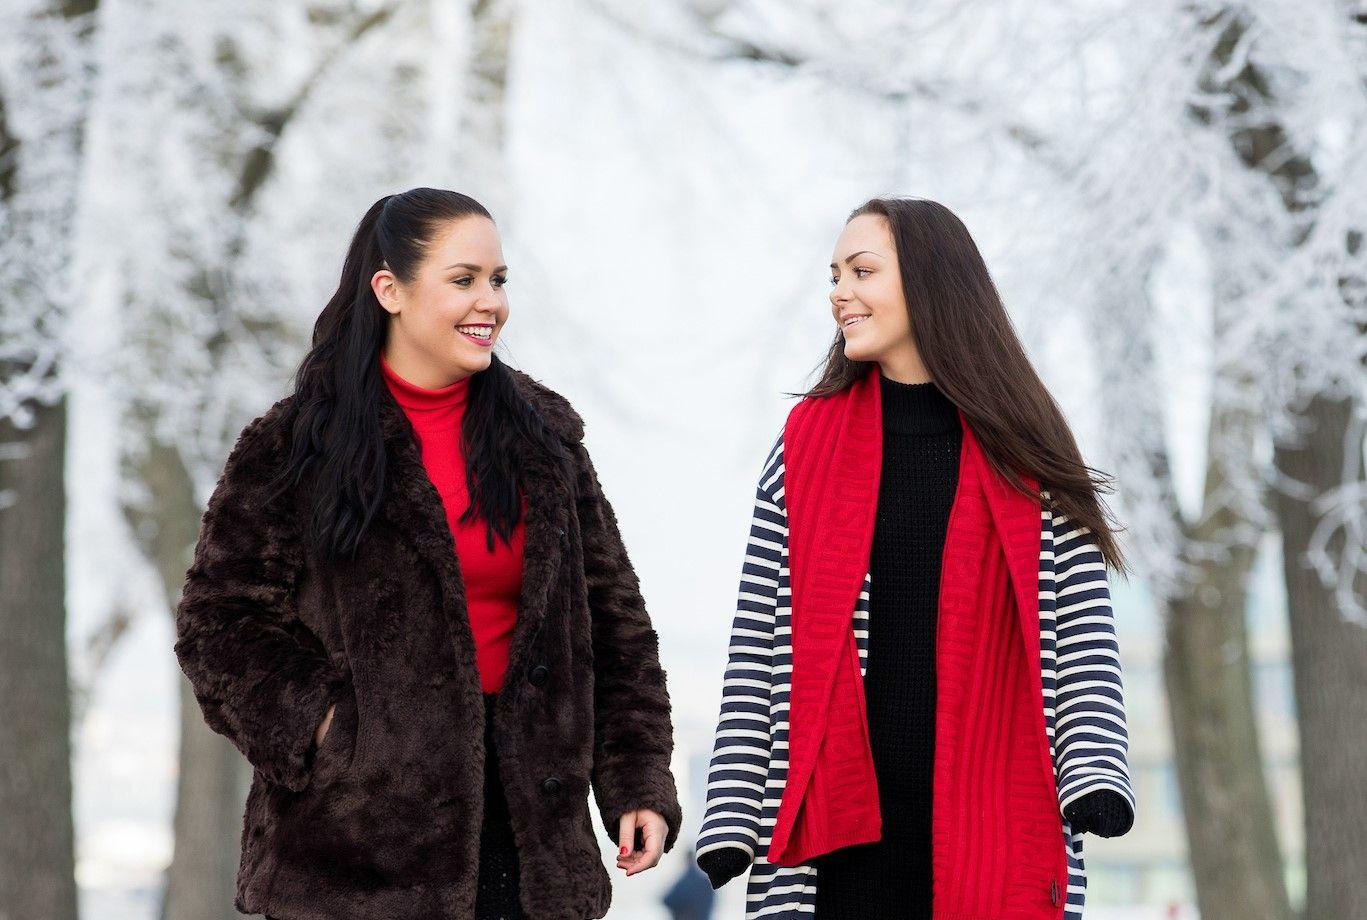 VIL HJELPE ANDRE: June Holm og Andrea Voll Voldum oppretter stiftelse for kvinner som har blitt voldtatt. FOTO: Espen Solli